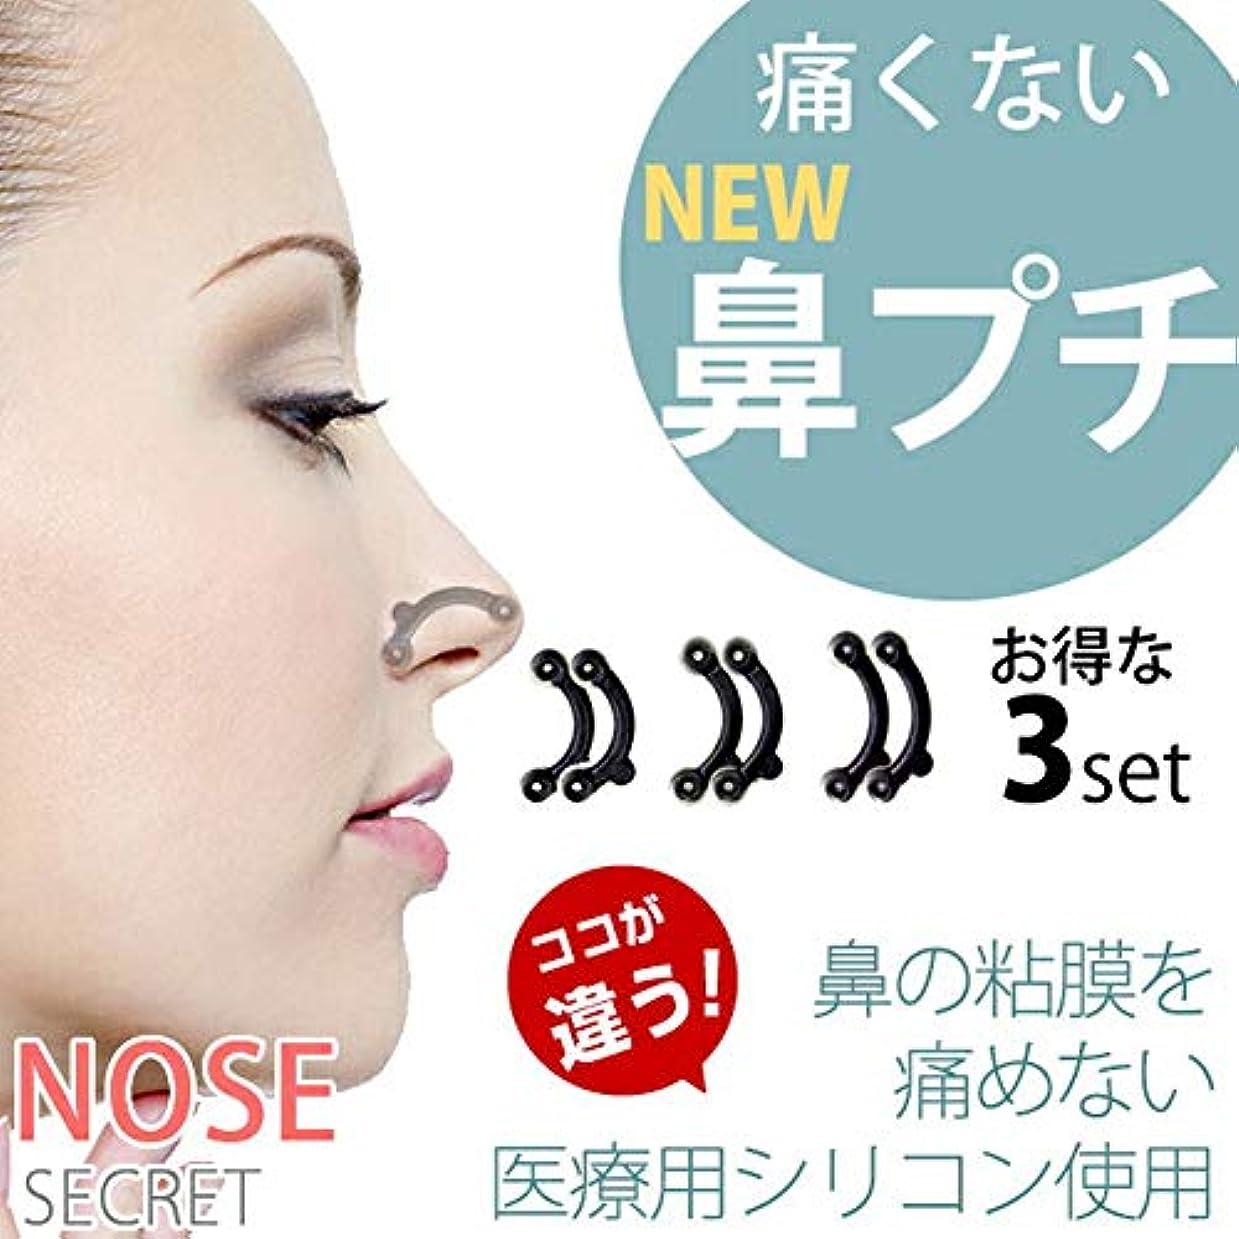 ブレーキファセット思い出させる鼻プチ プチ整形 ハナのアイプチ Viconaノーズアップ 美鼻 鼻クリップ ノーズクリップ 鼻筋セレブ 鼻筋矯正 抗菌シリコンで 柔らか素材で痛くない 肌にやさしい 鼻プチS.M.L三つサイズセット